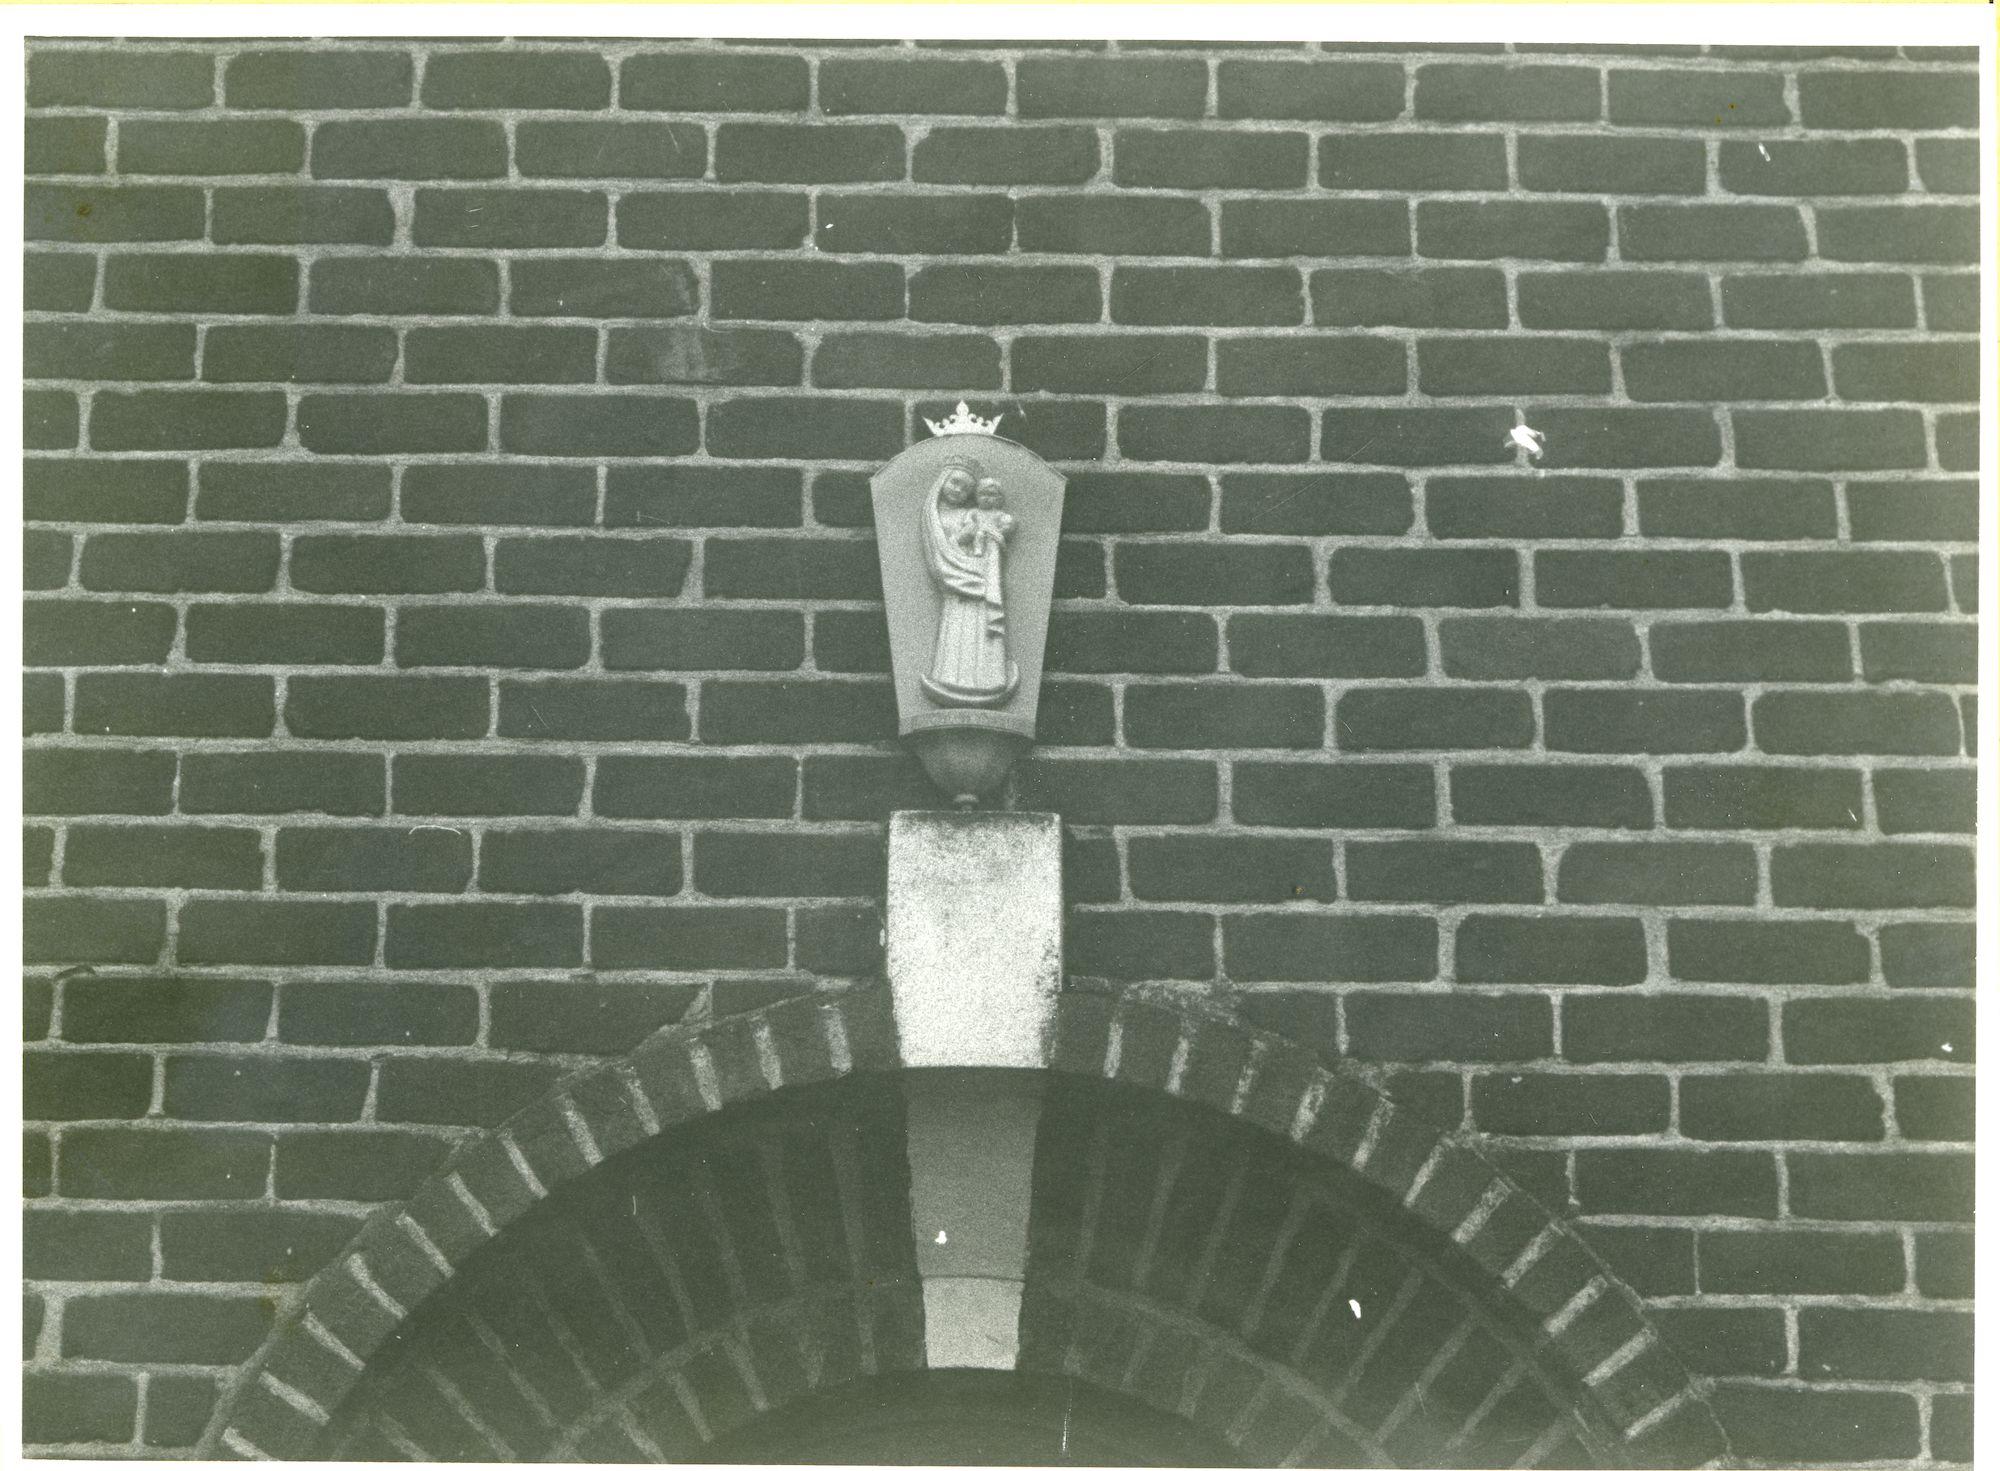 Oostakker: Eikstraat 15: Beeldhouwwerk, 1979